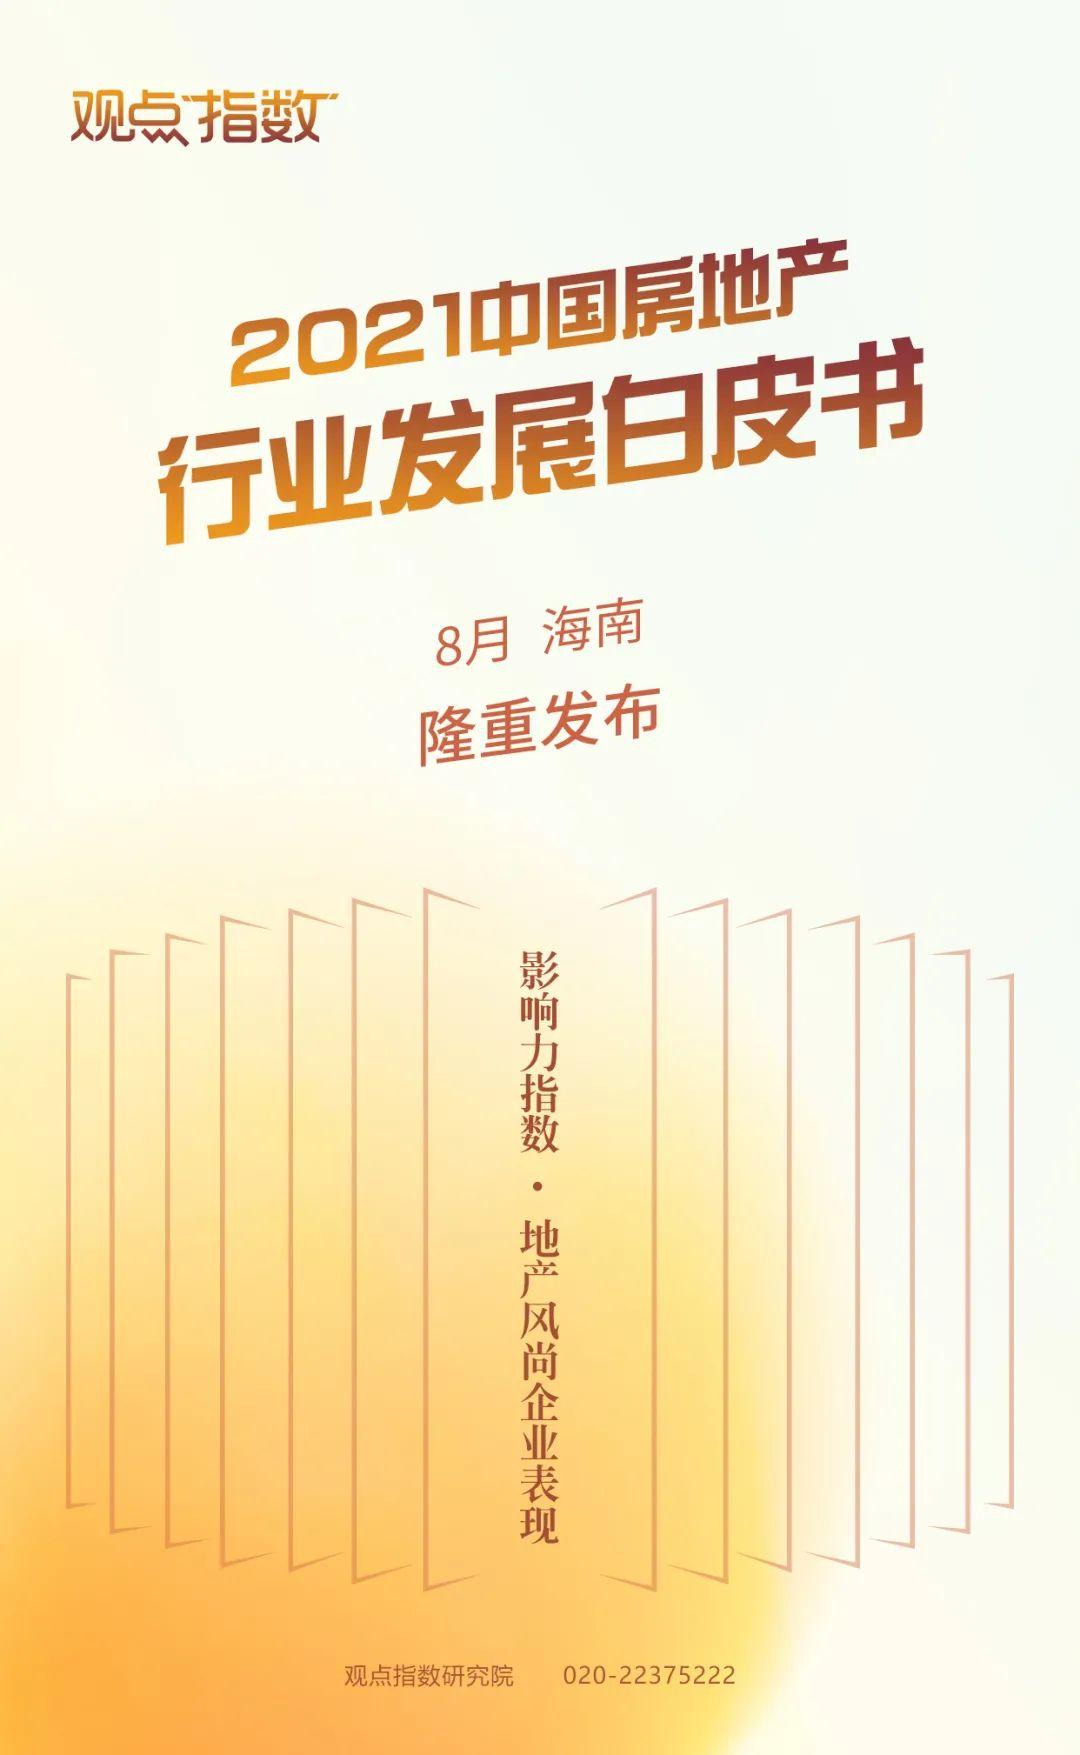 小事记 | 深圳赛格大厦各项监测数据正常 恒大汽车继续测试